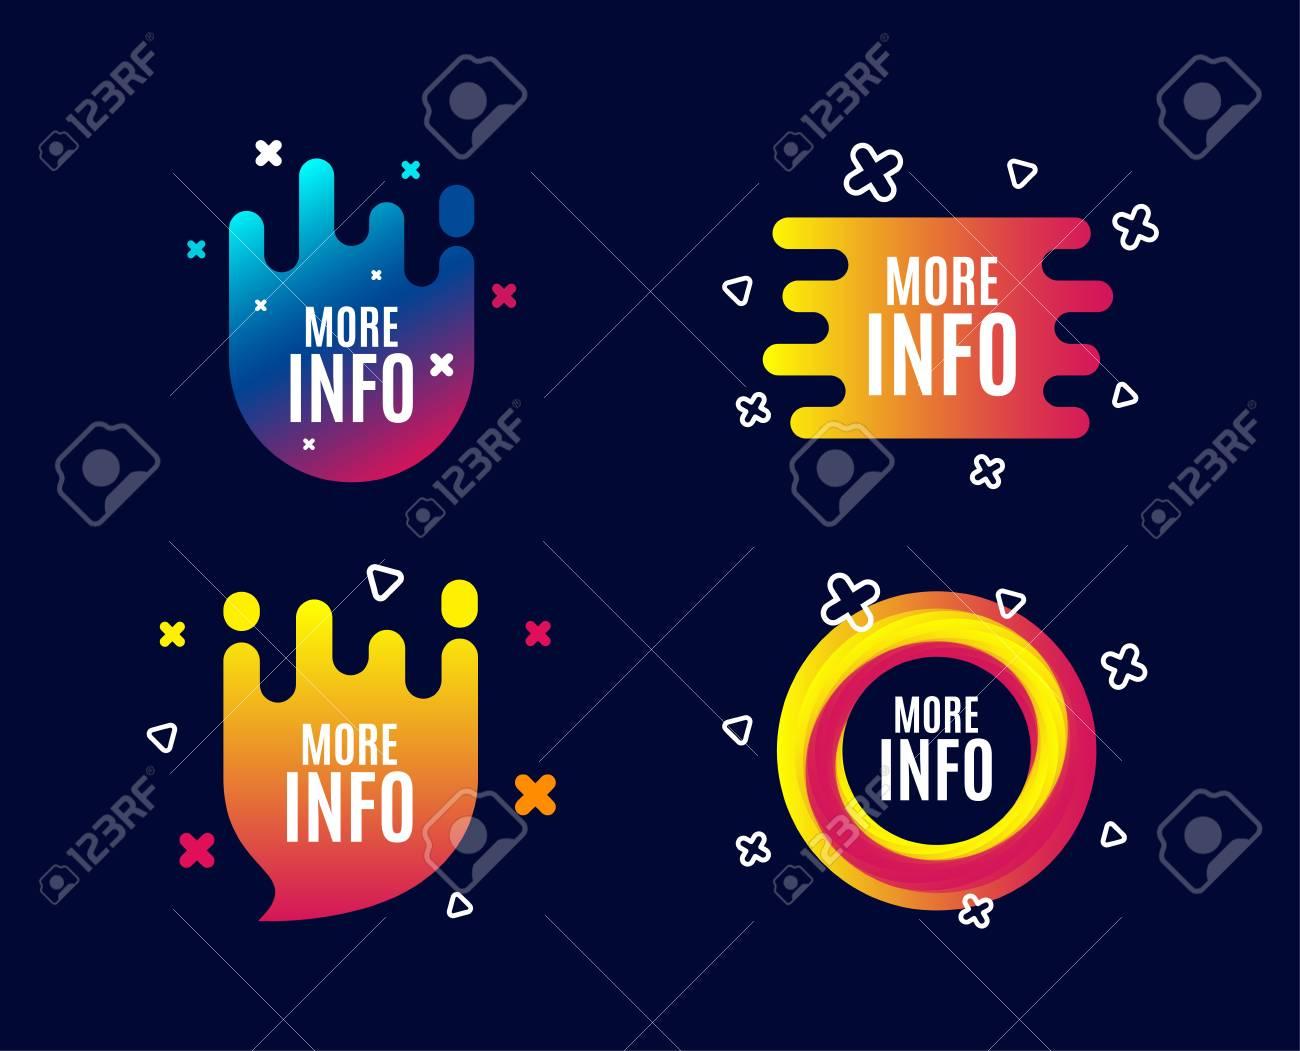 More info symbol. Navigation sign. Read description. Sale banners. Gradient colors shape. Abstract design concept. Vector - 110380409